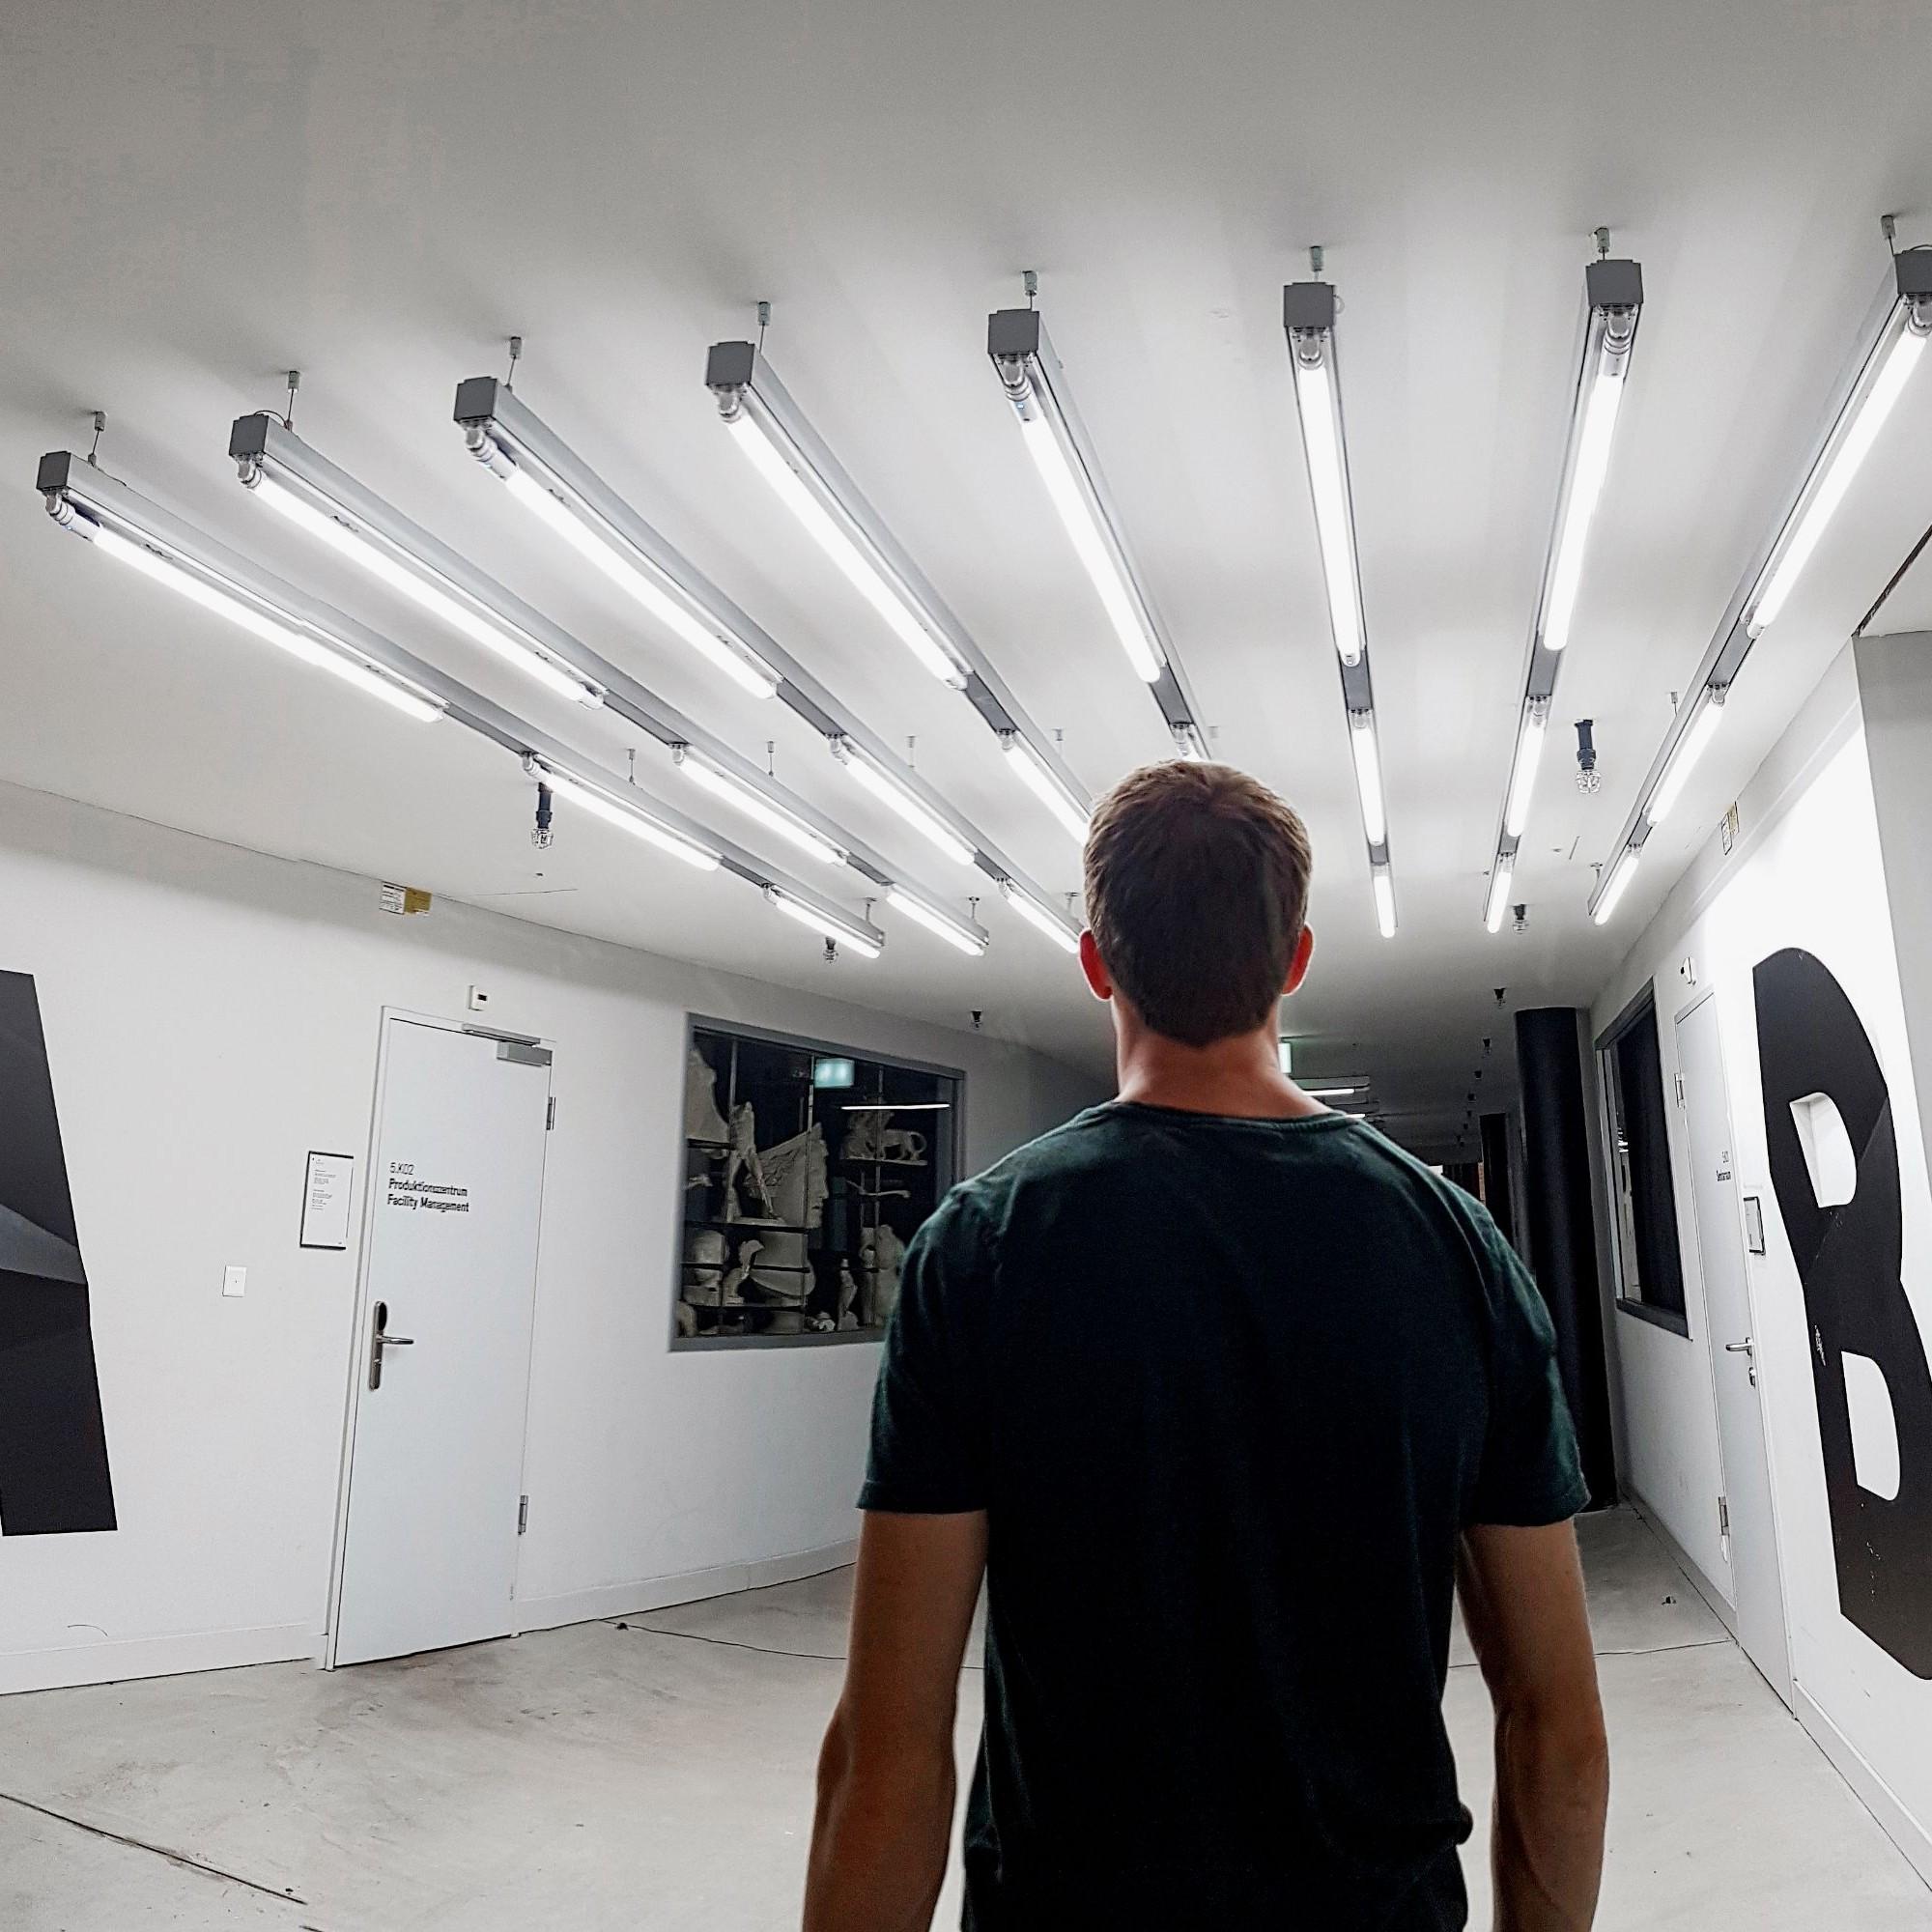 Die Zürcher Hochschule der Künsteauf dem Toni-Areal in Zürich verwendetLED-Röhren der LED City AG in Korridorenund Treppenhäusern.